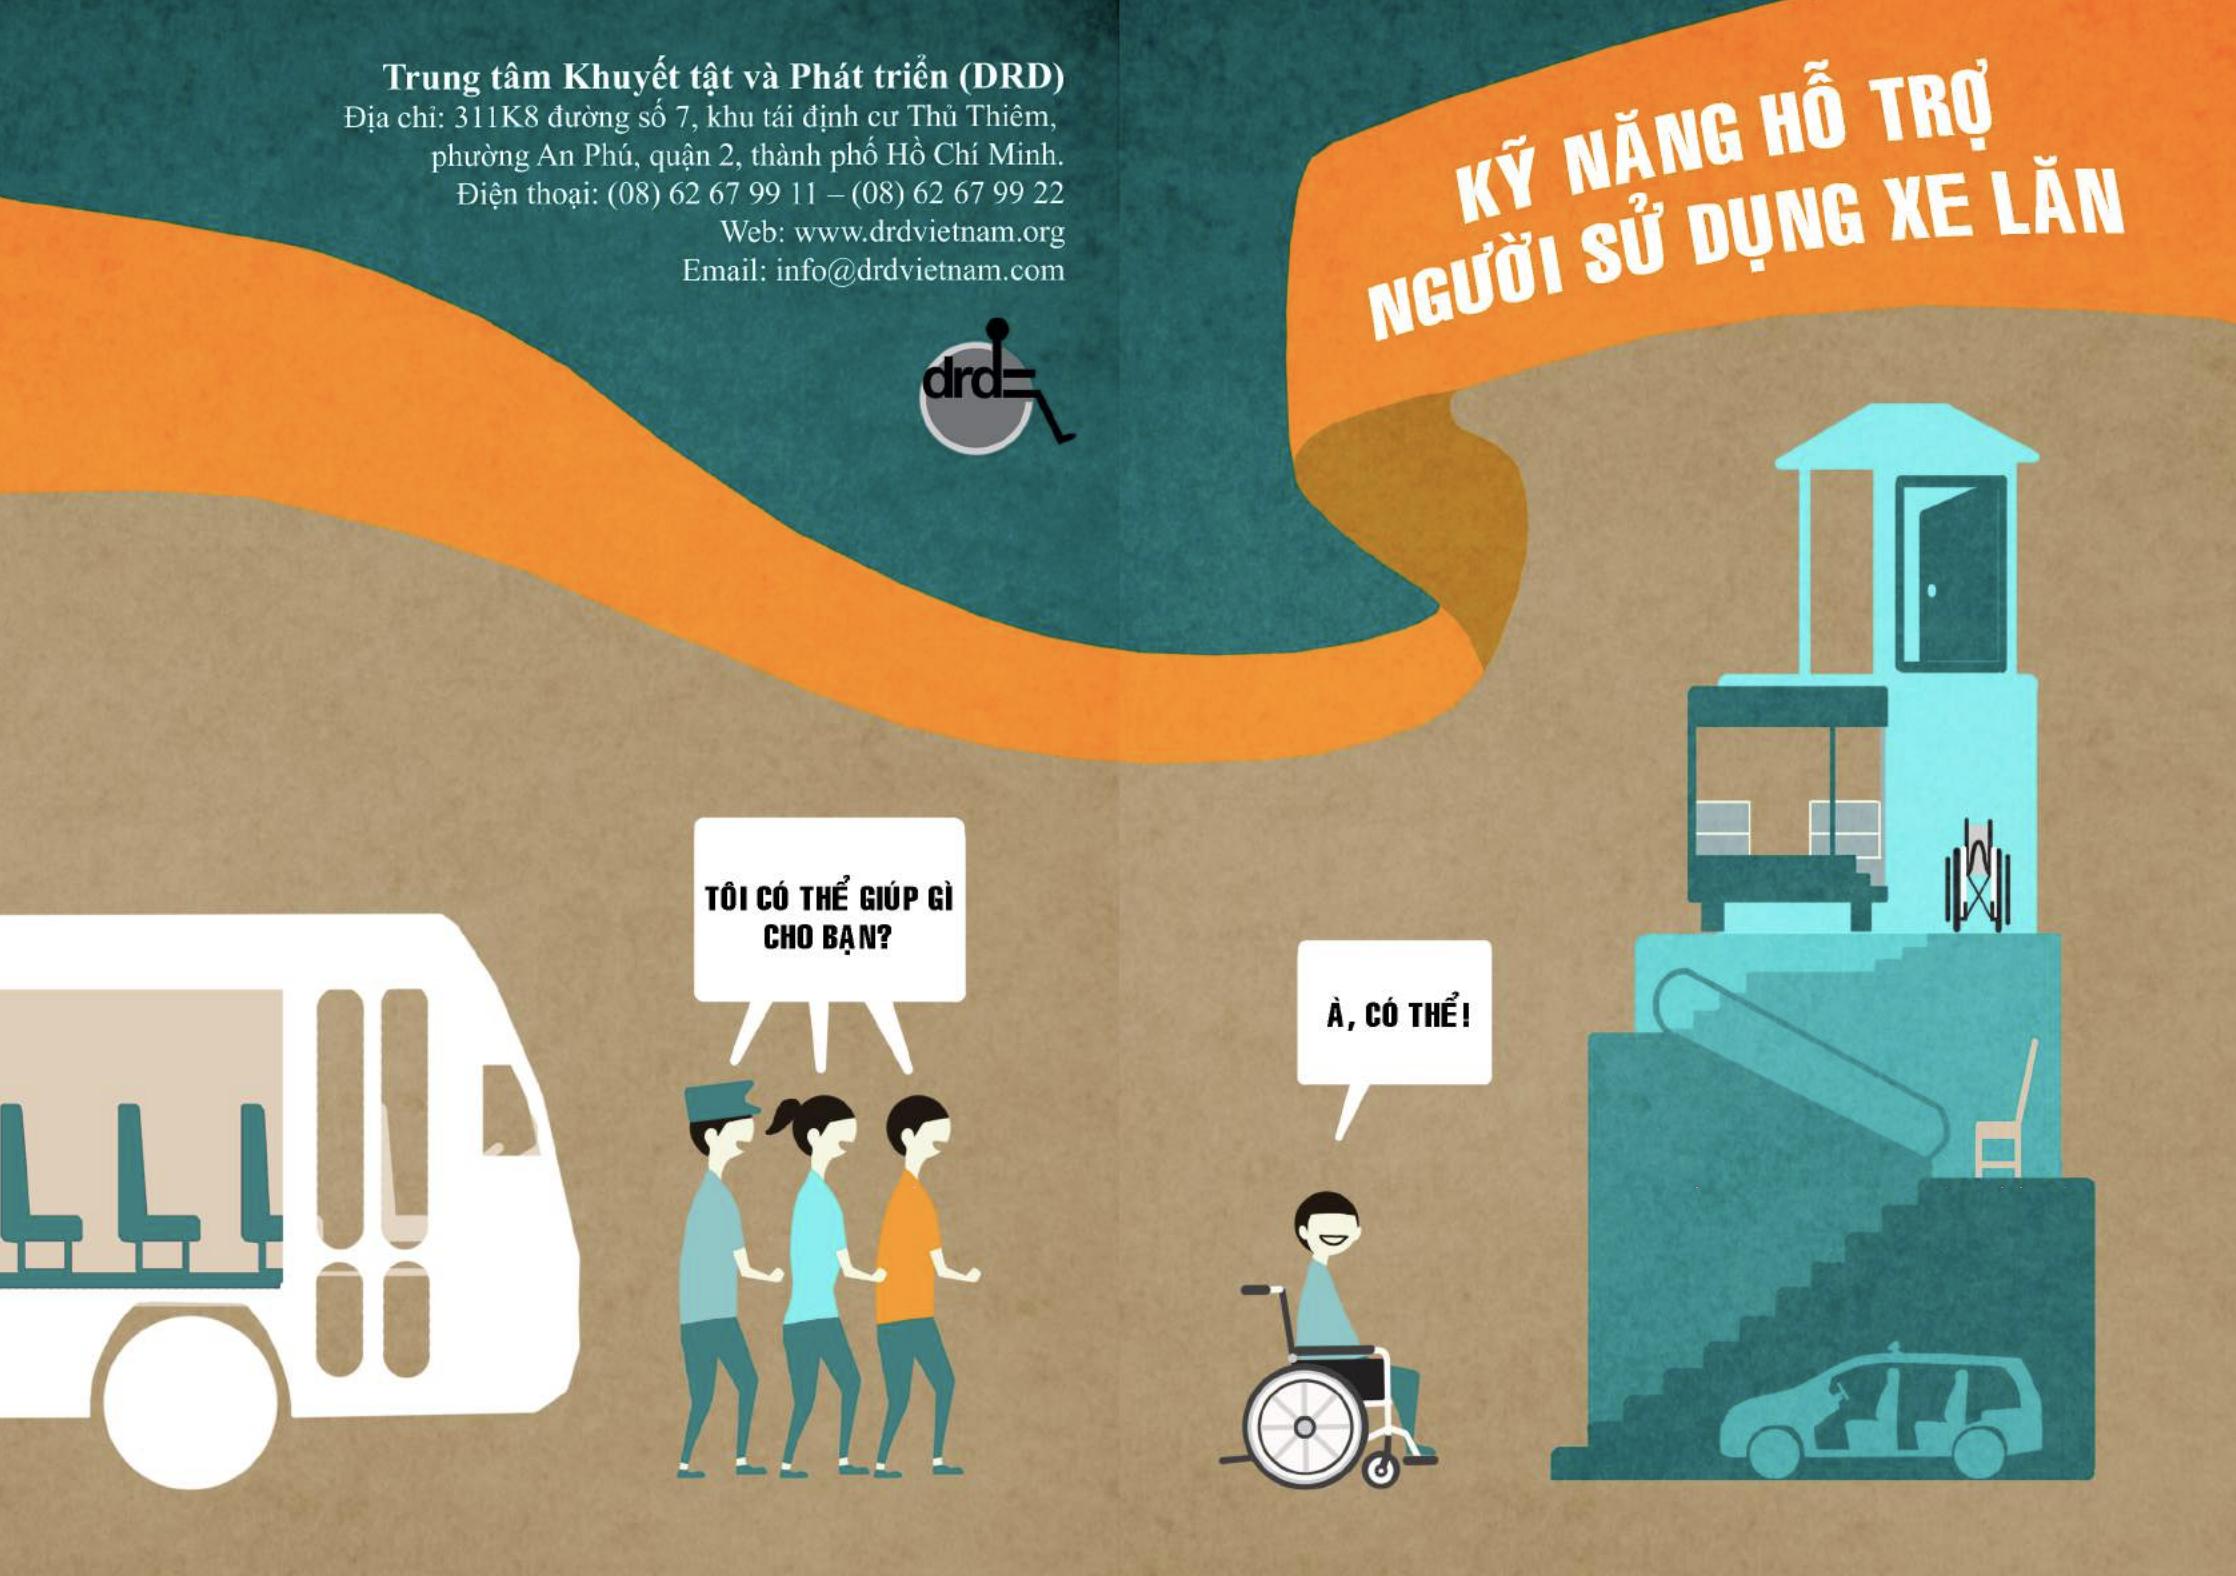 Kỹ năng hỗ trợ người sử dụng xe lăn | DRD 2017 (In Vietnamese only)